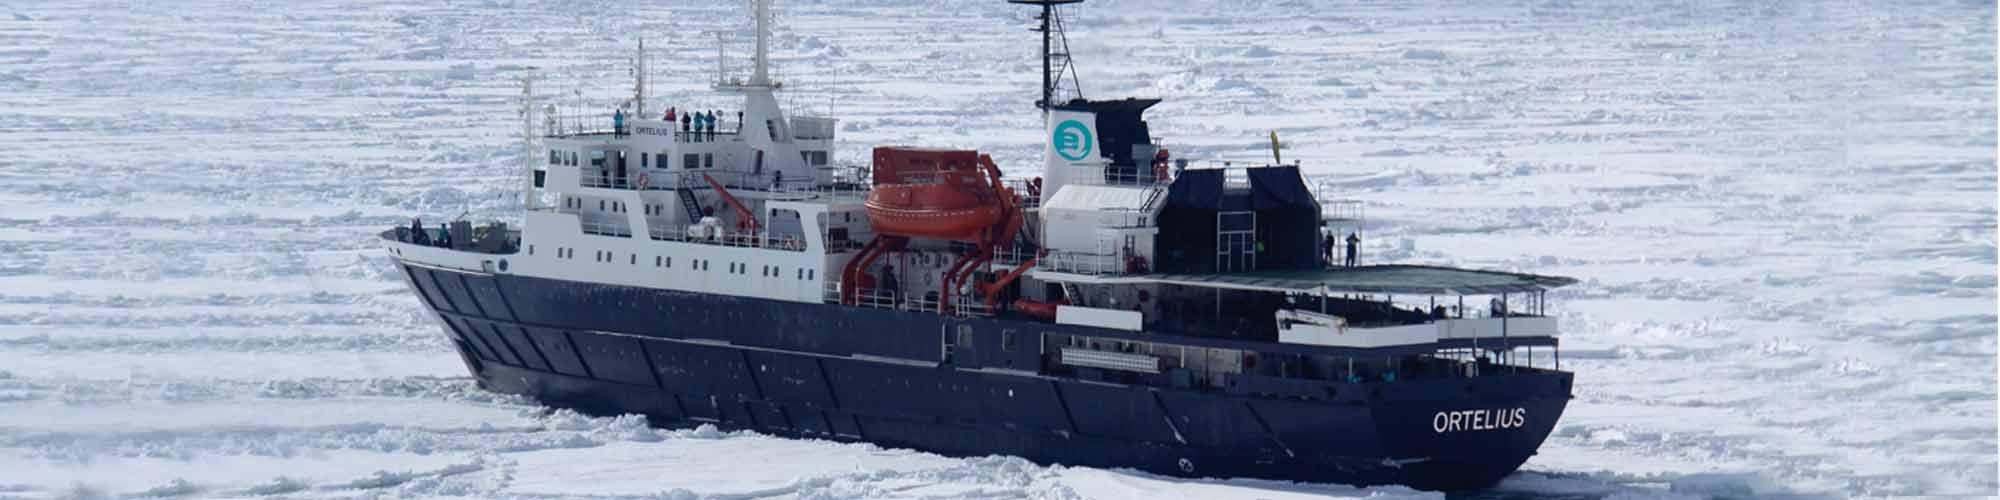 Viaje a Antártida - El Pais Viajes